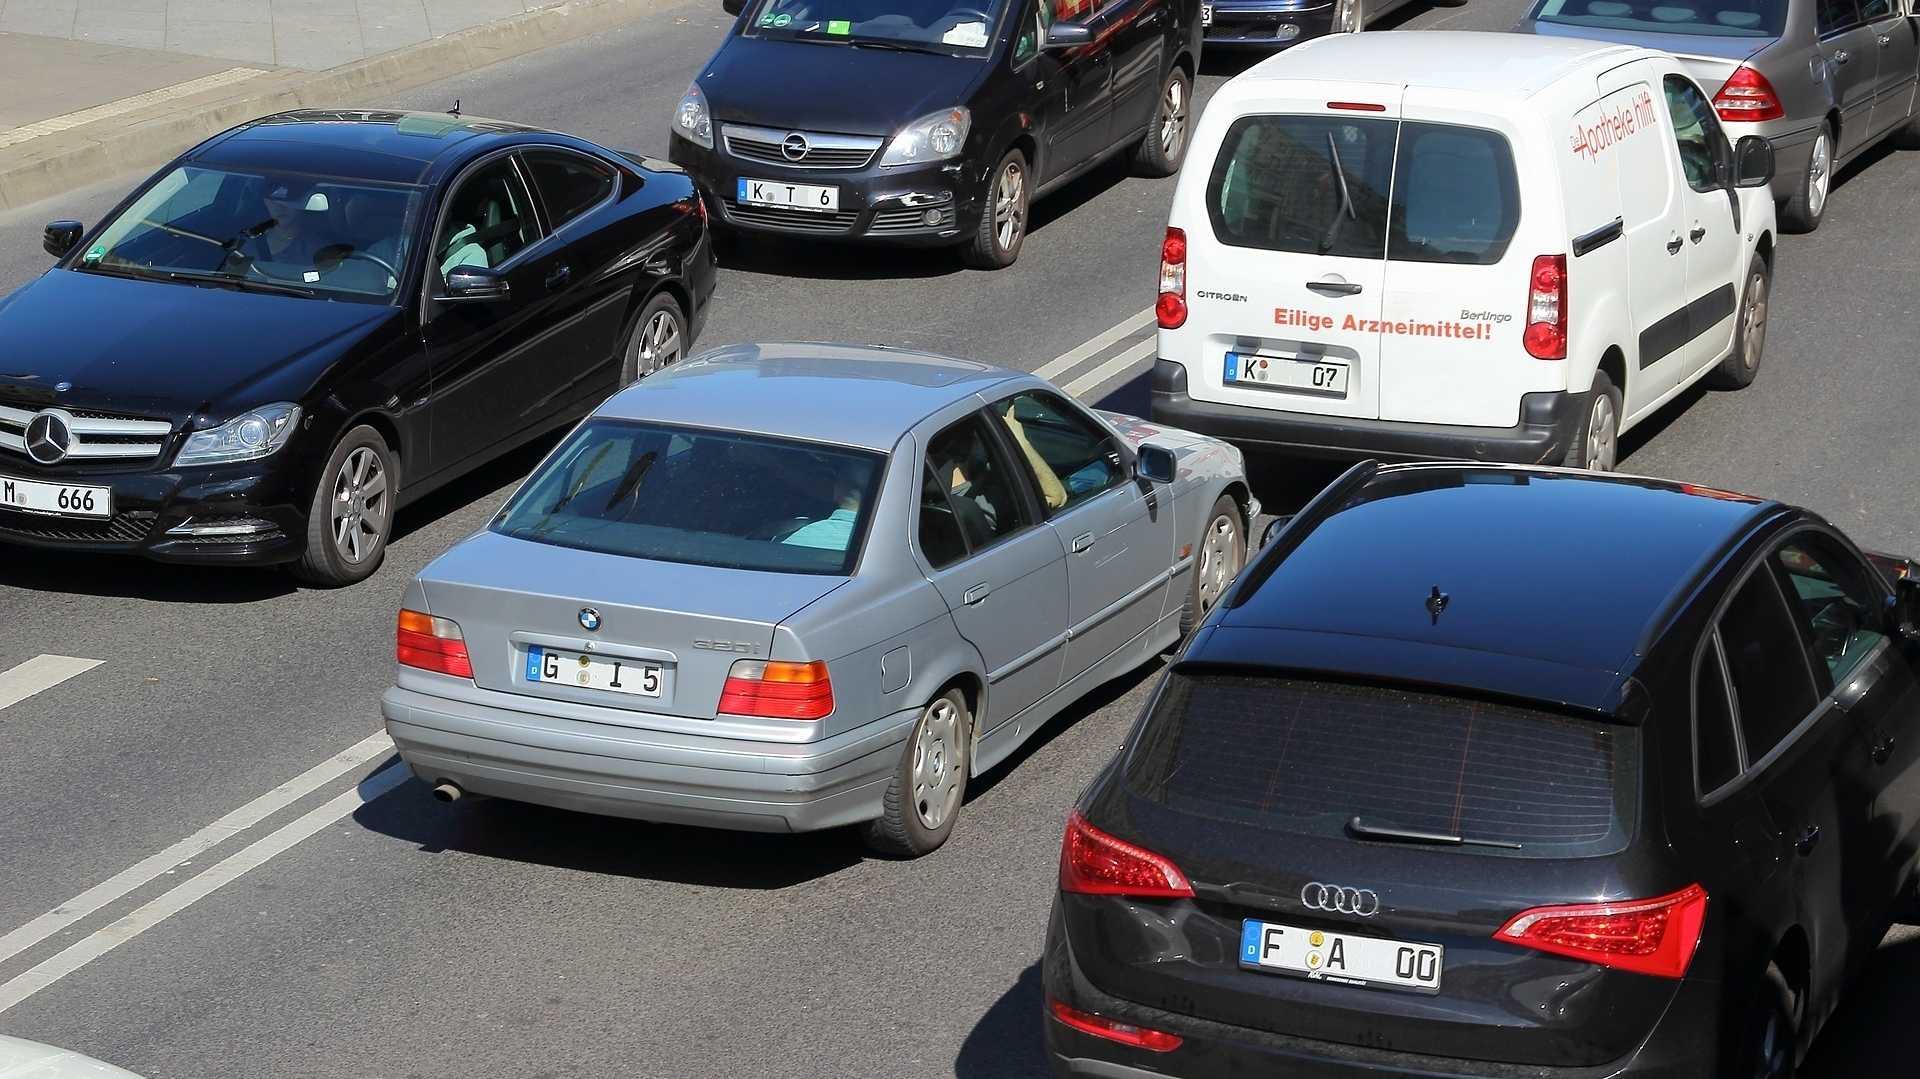 CDU offener gegenüber Hardware-Nachrüstungen bei älteren Diesel-Fahrzeugen